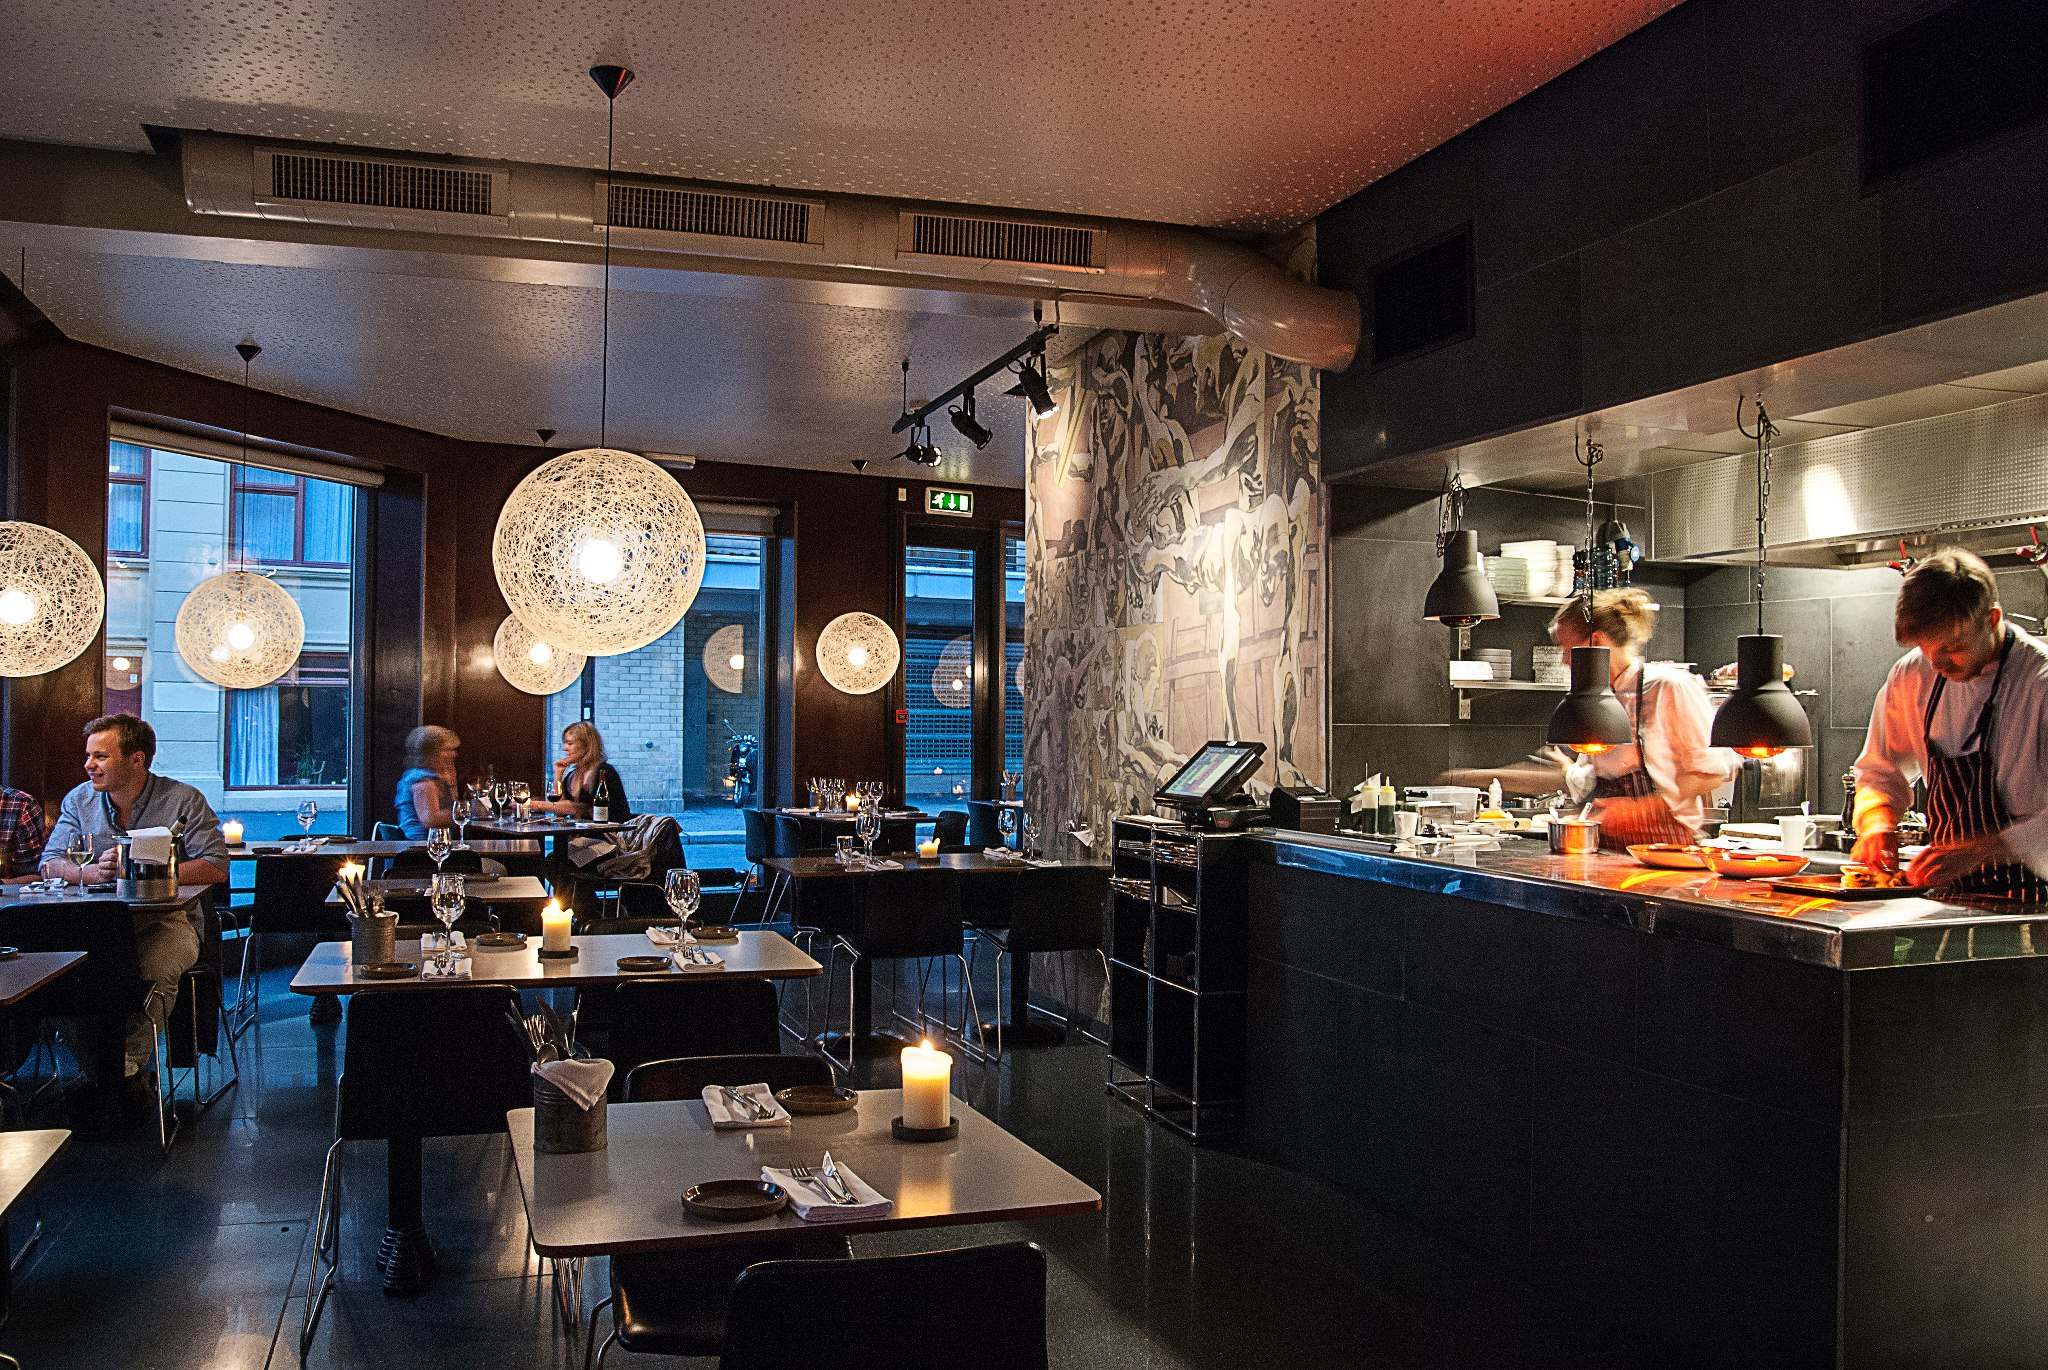 Обед у лучшего шеф-повара в мире: рестораны Осло